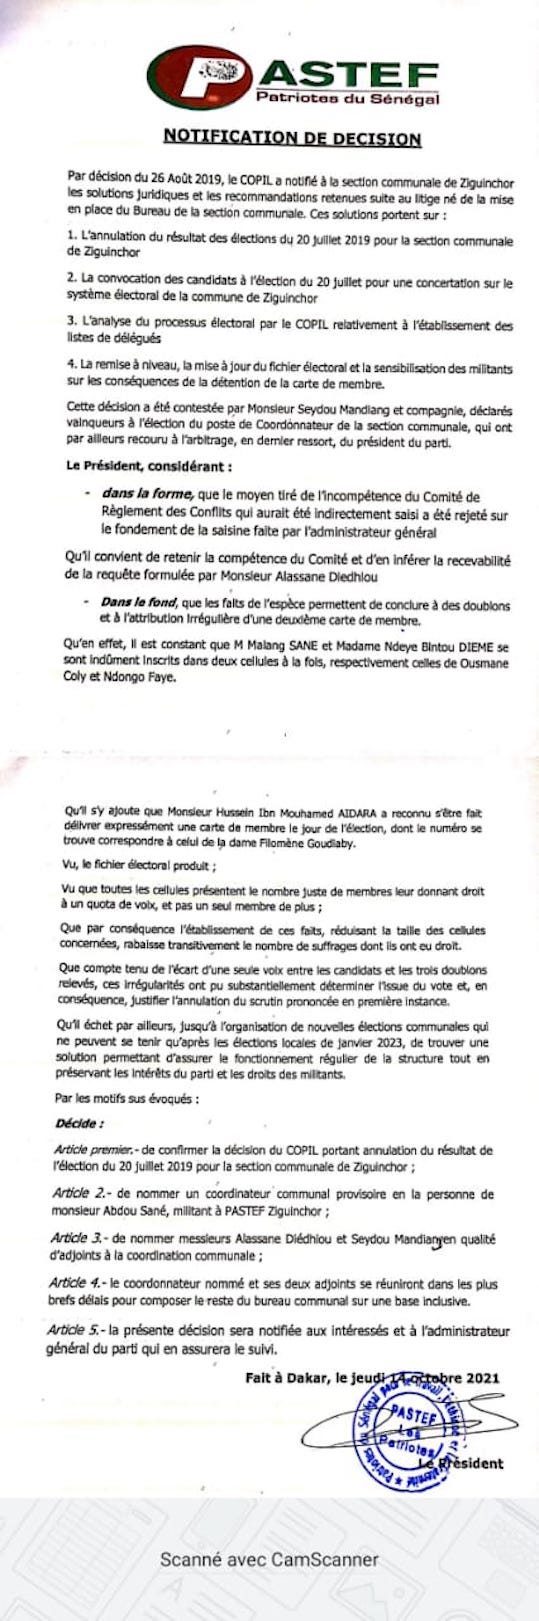 Ziguinchor : Abdou Sané nommé Coordinateur communal de PASTEF (DOCUMENT)